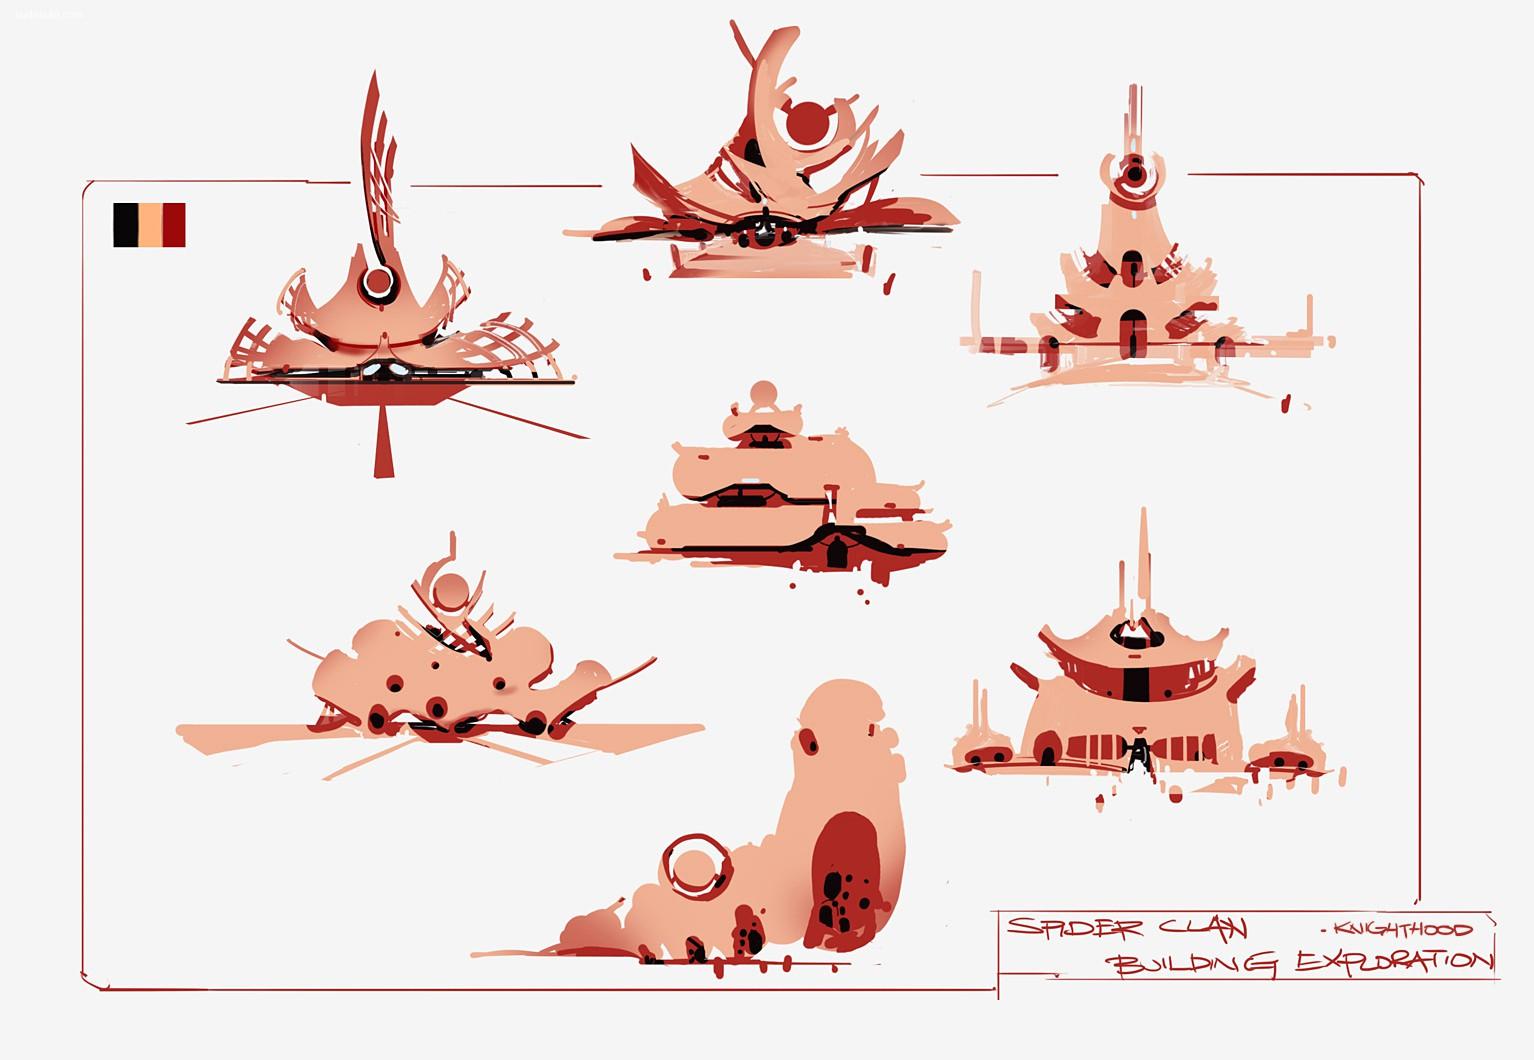 Ben Lo 卡通人物造型设计及概念插画欣赏